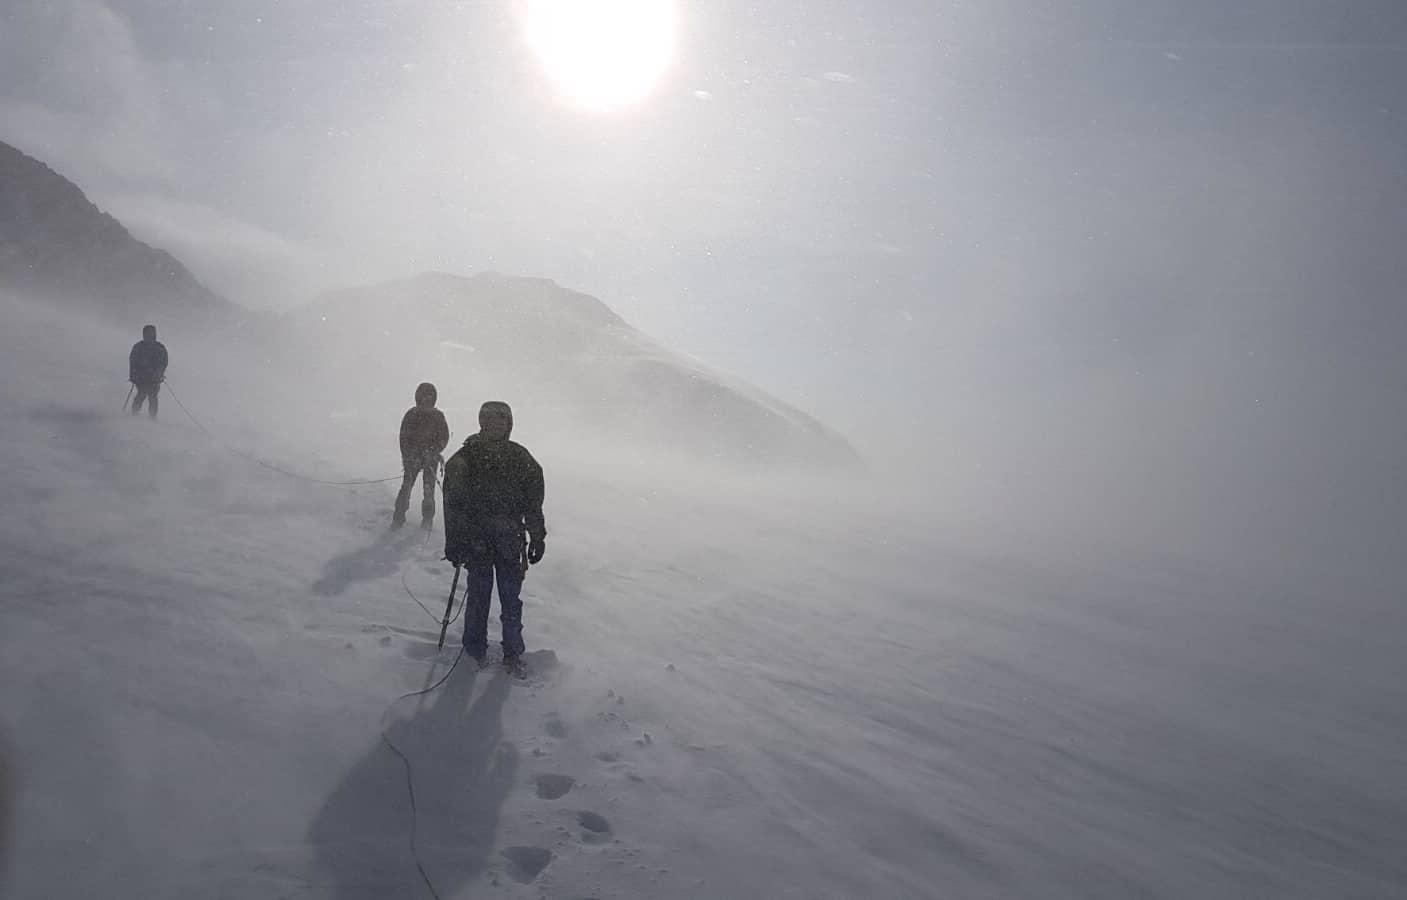 IMG 5088 - Blick ins Tal – Absteigen beim Bergsteigen